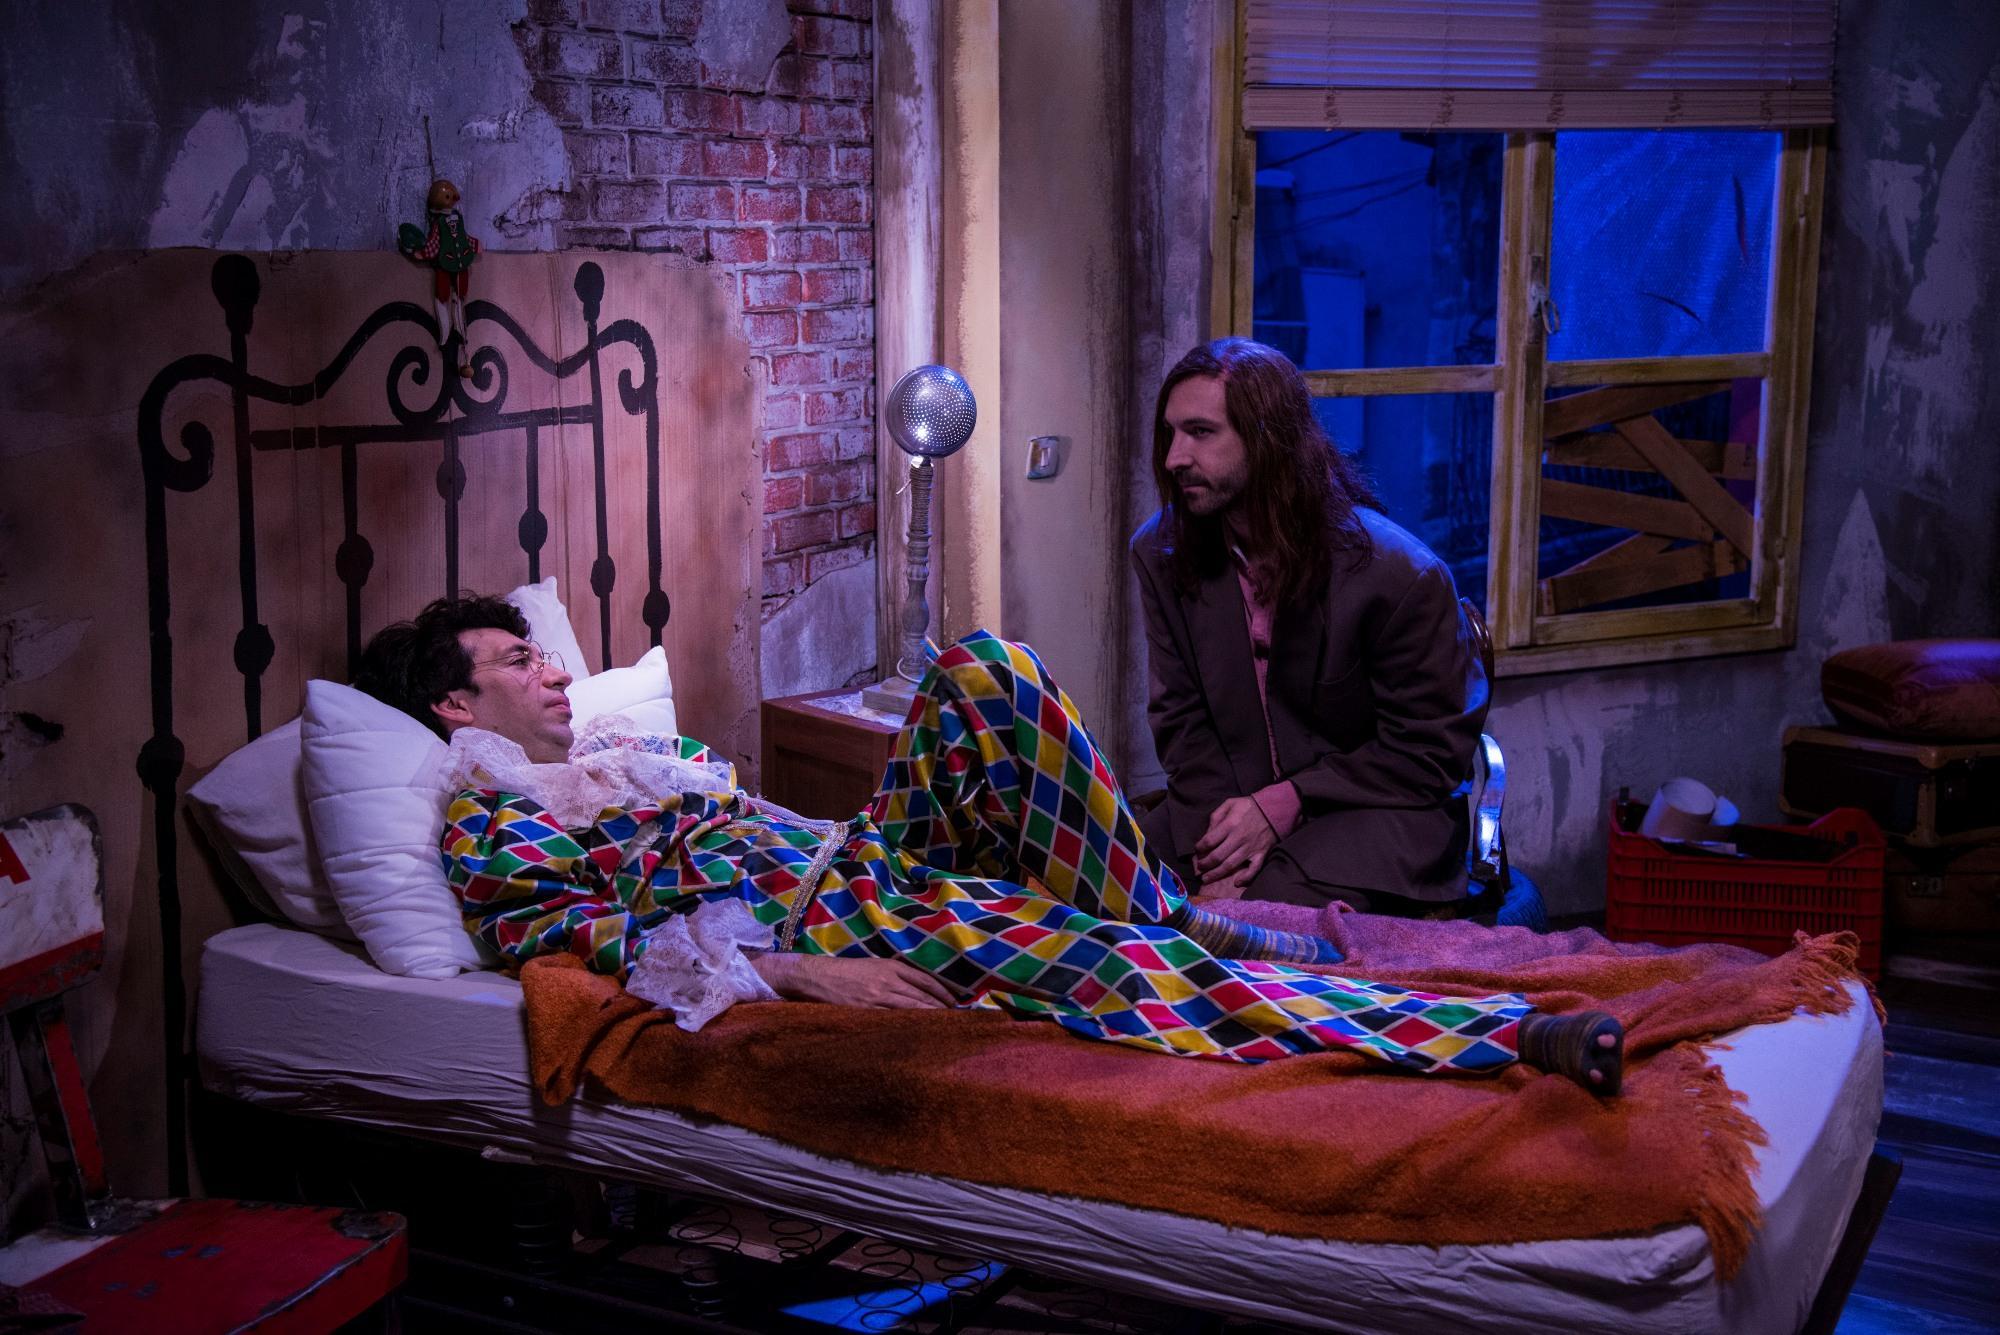 Mariottide: Maccio Capatonda ed Herbert Ballerina in una scena della sitcom